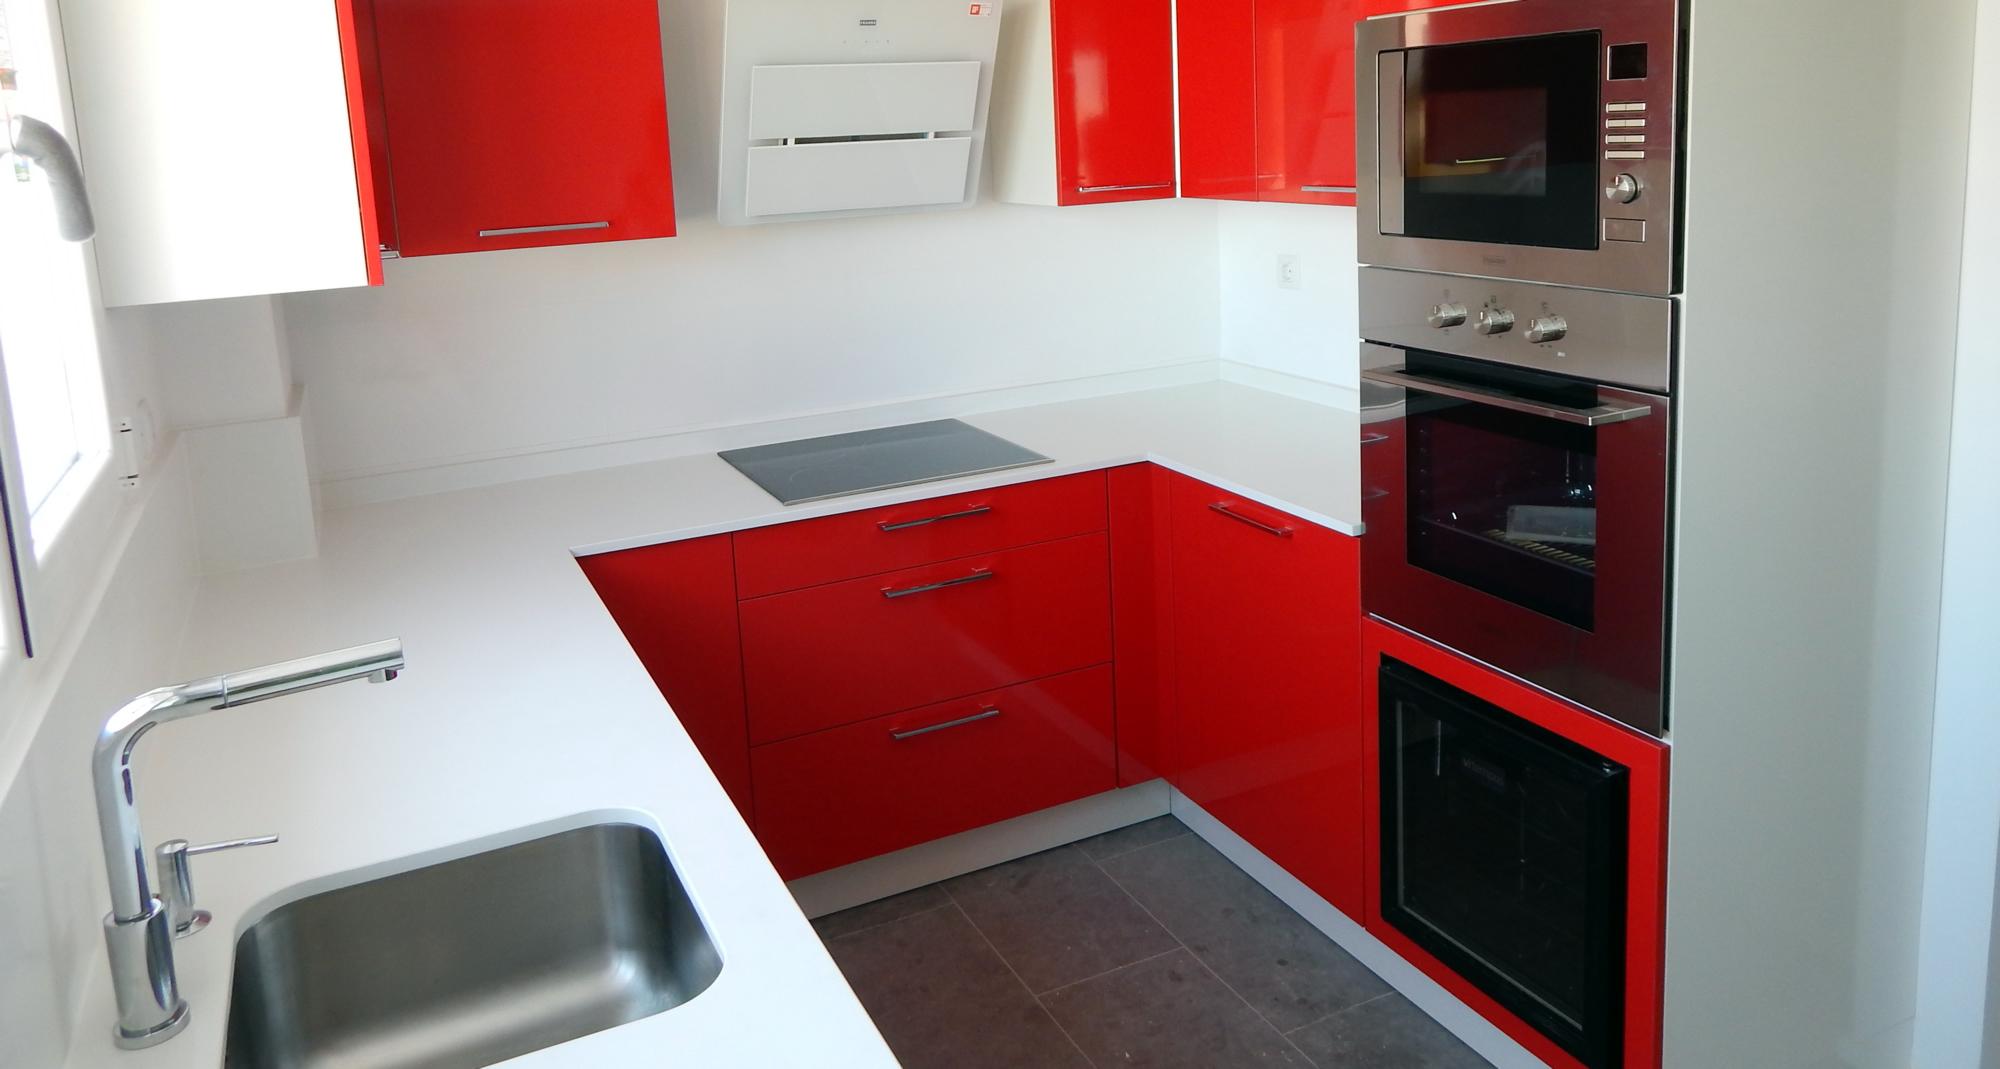 Muebles de cocina modelo neo en rojo - Muebles de cocina merkamueble ...